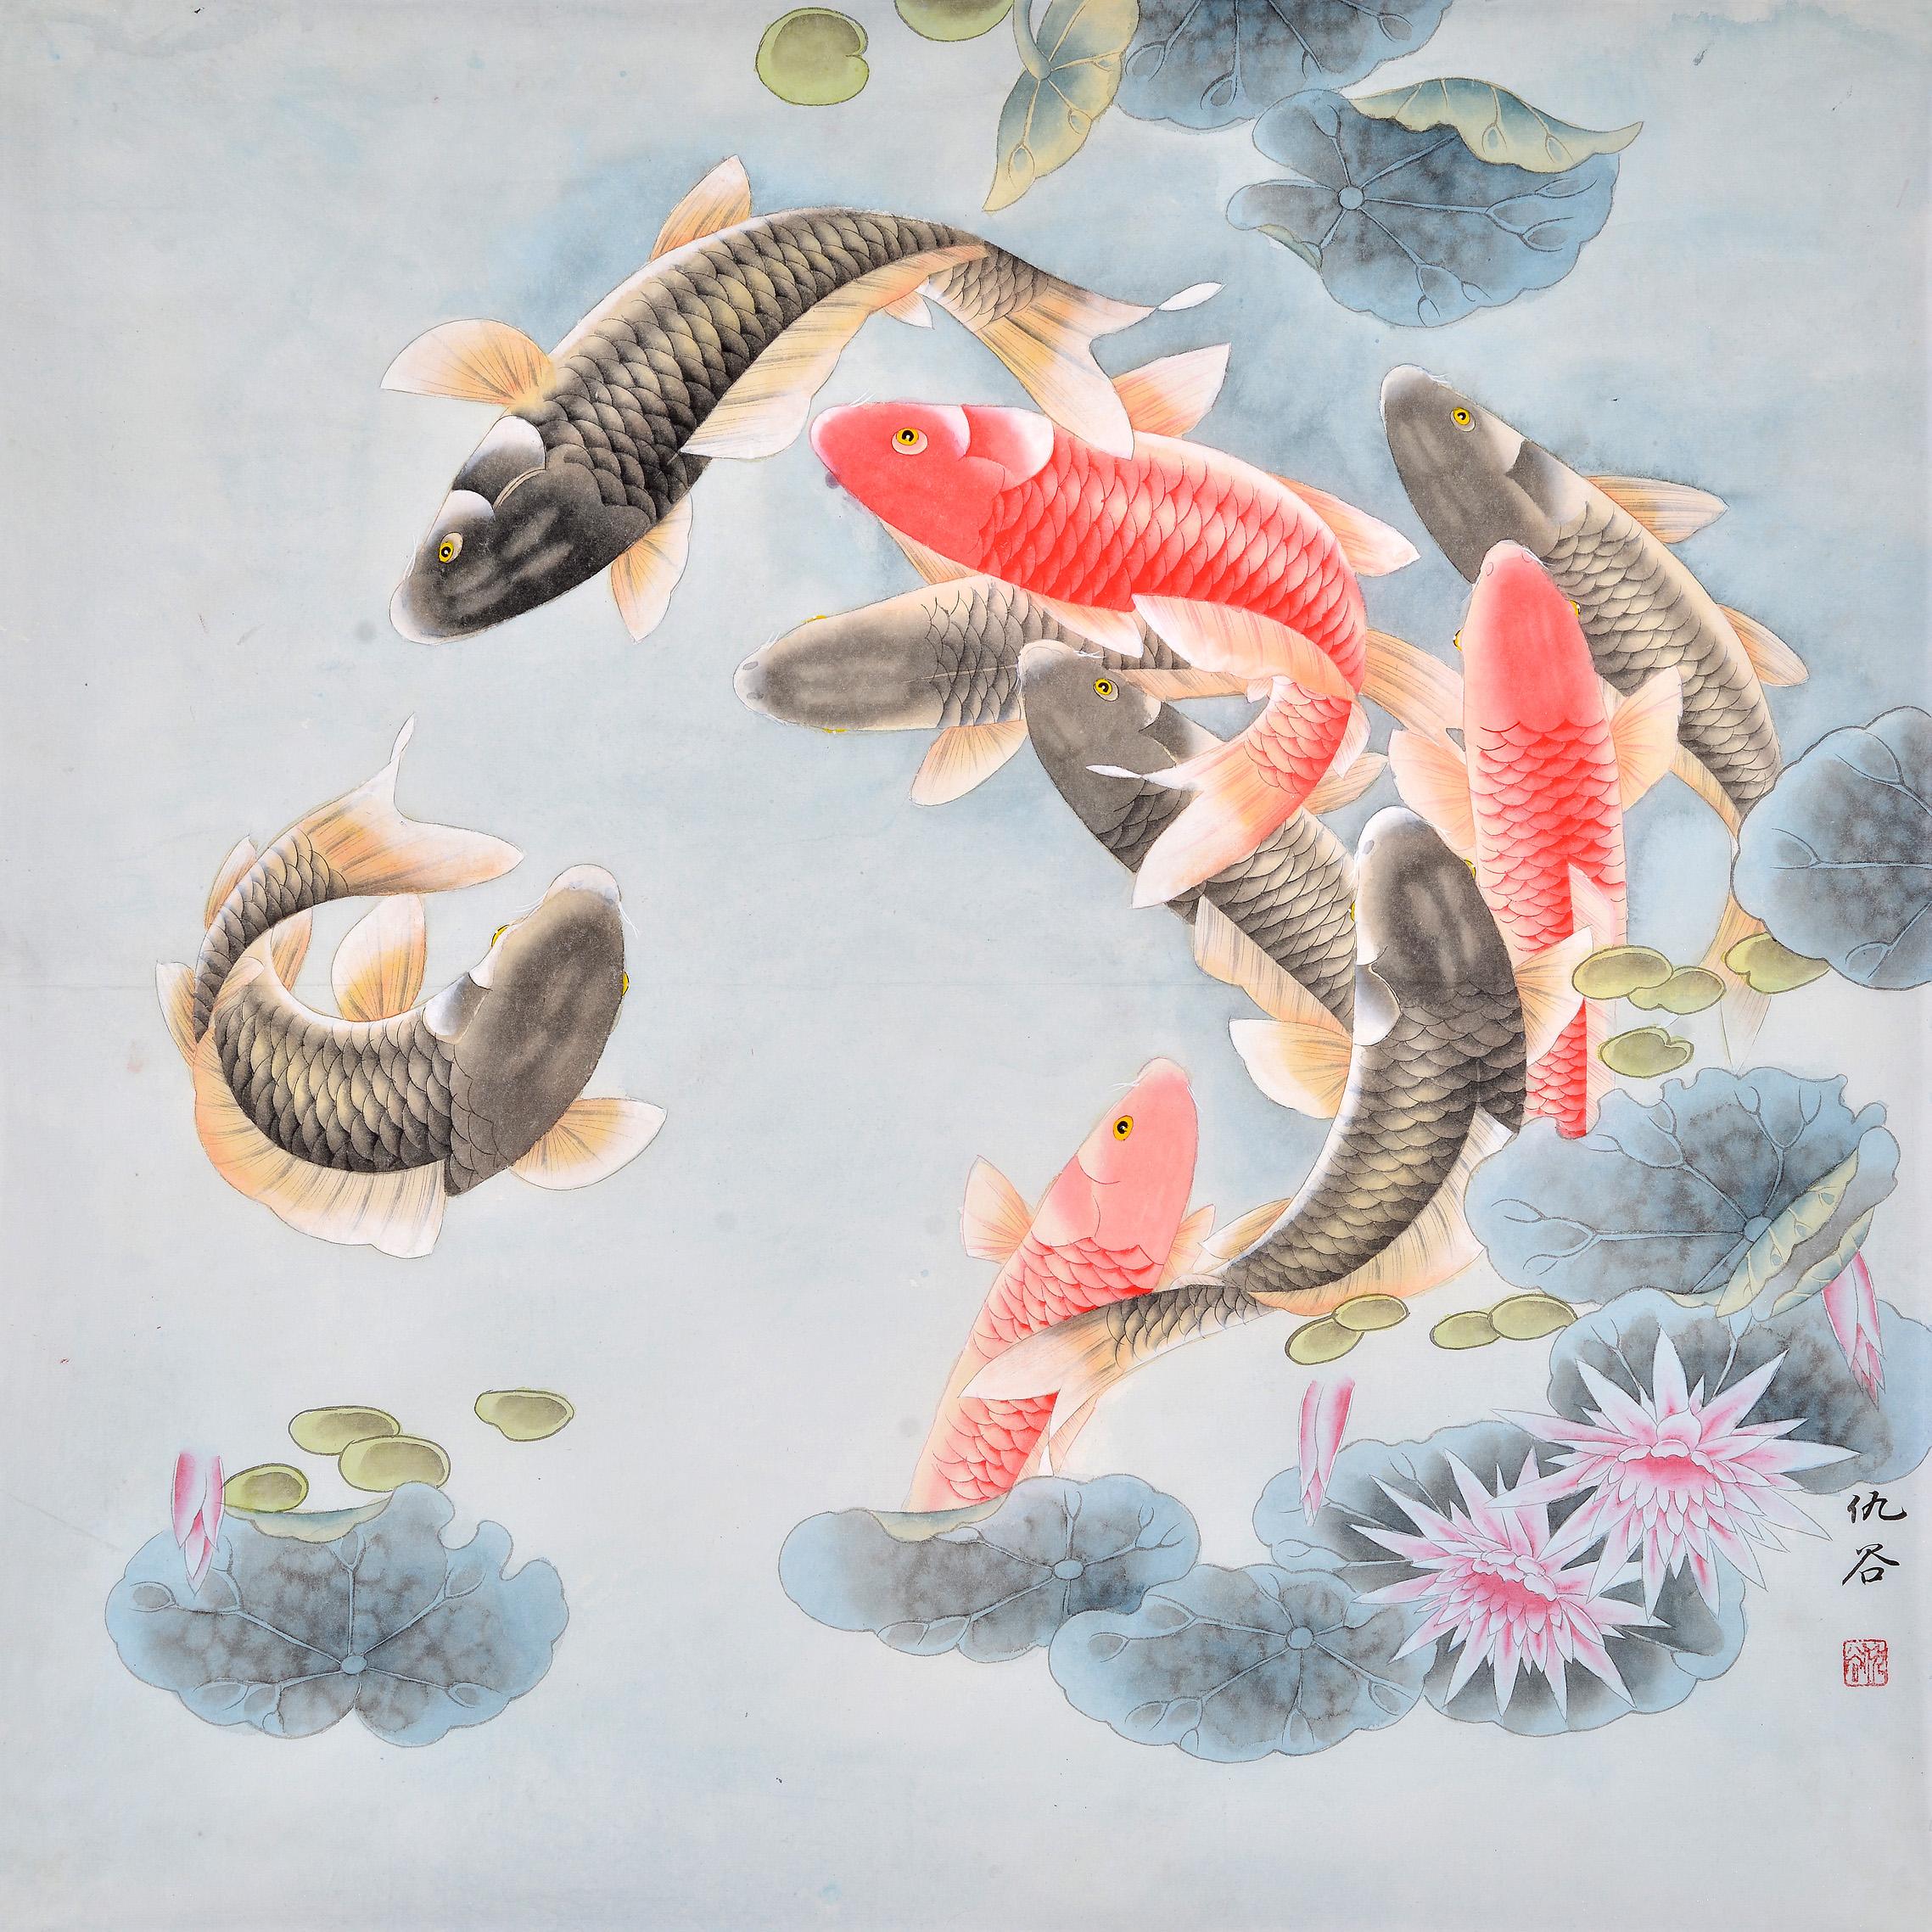 荷花字画:也是莲花,寓意和气